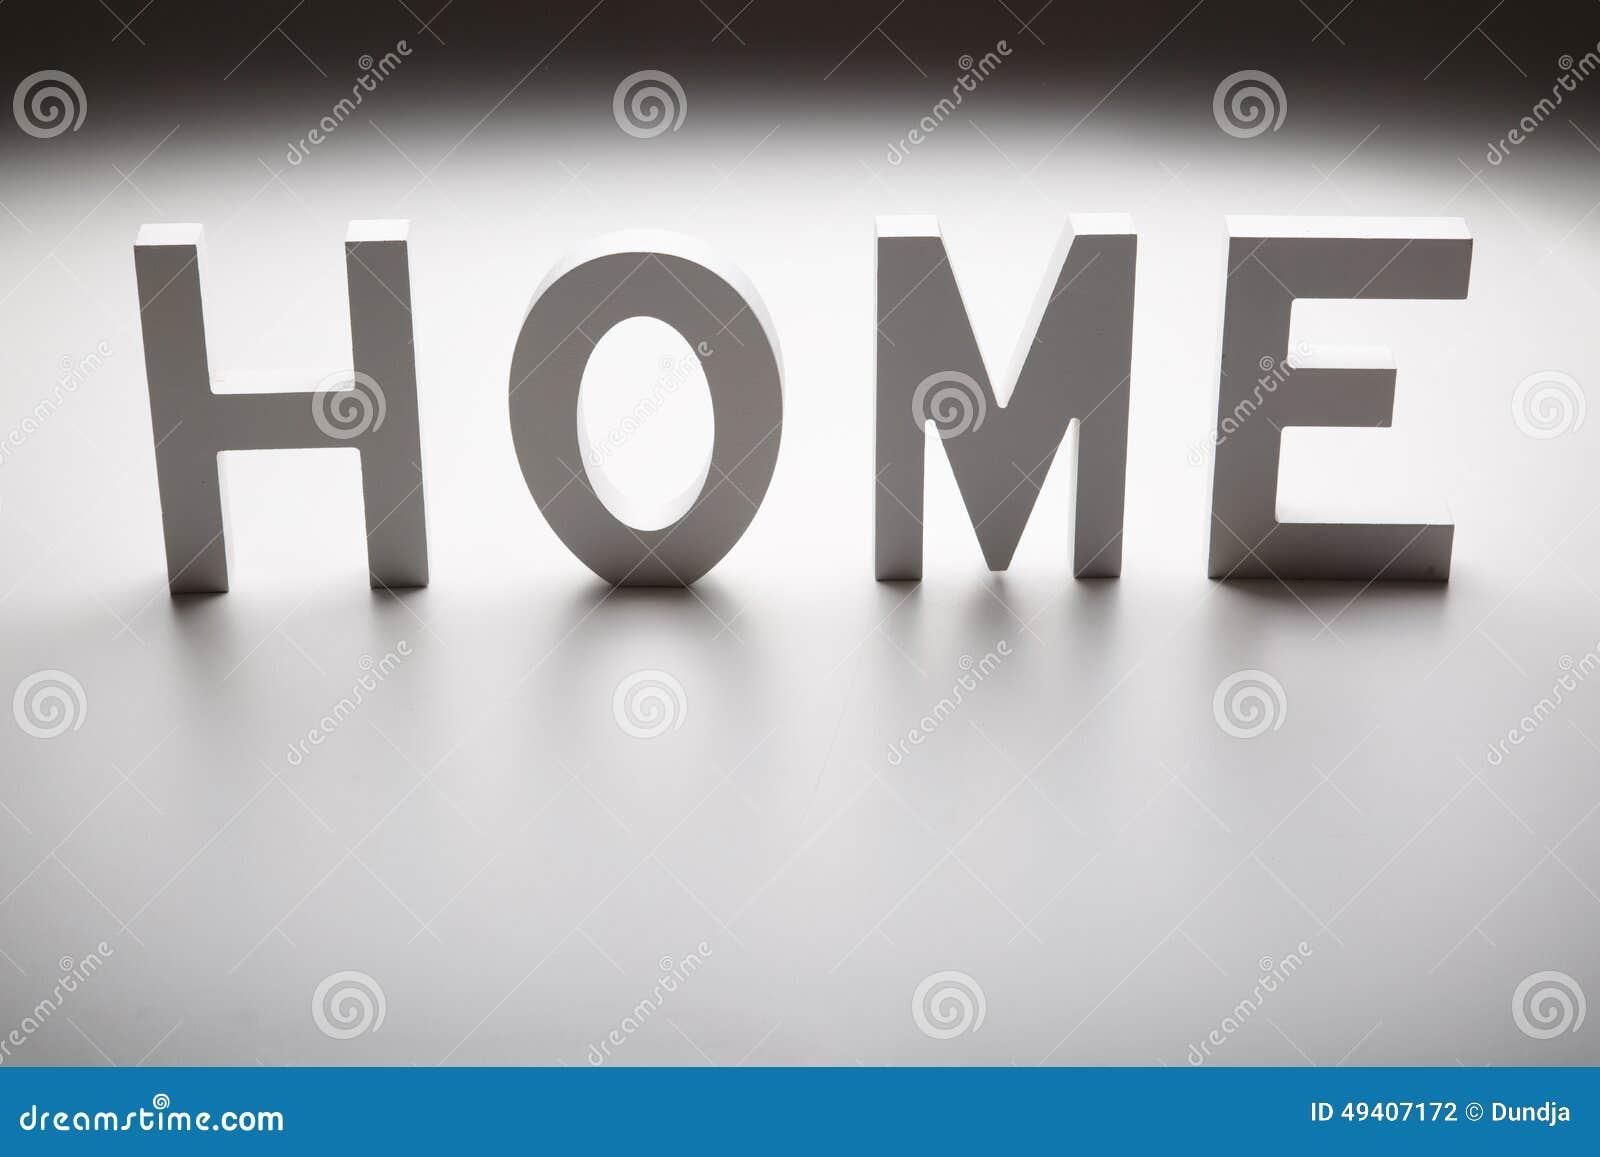 Download Haus stockfoto. Bild von hell, weinlese, d0, text, fokus - 49407172